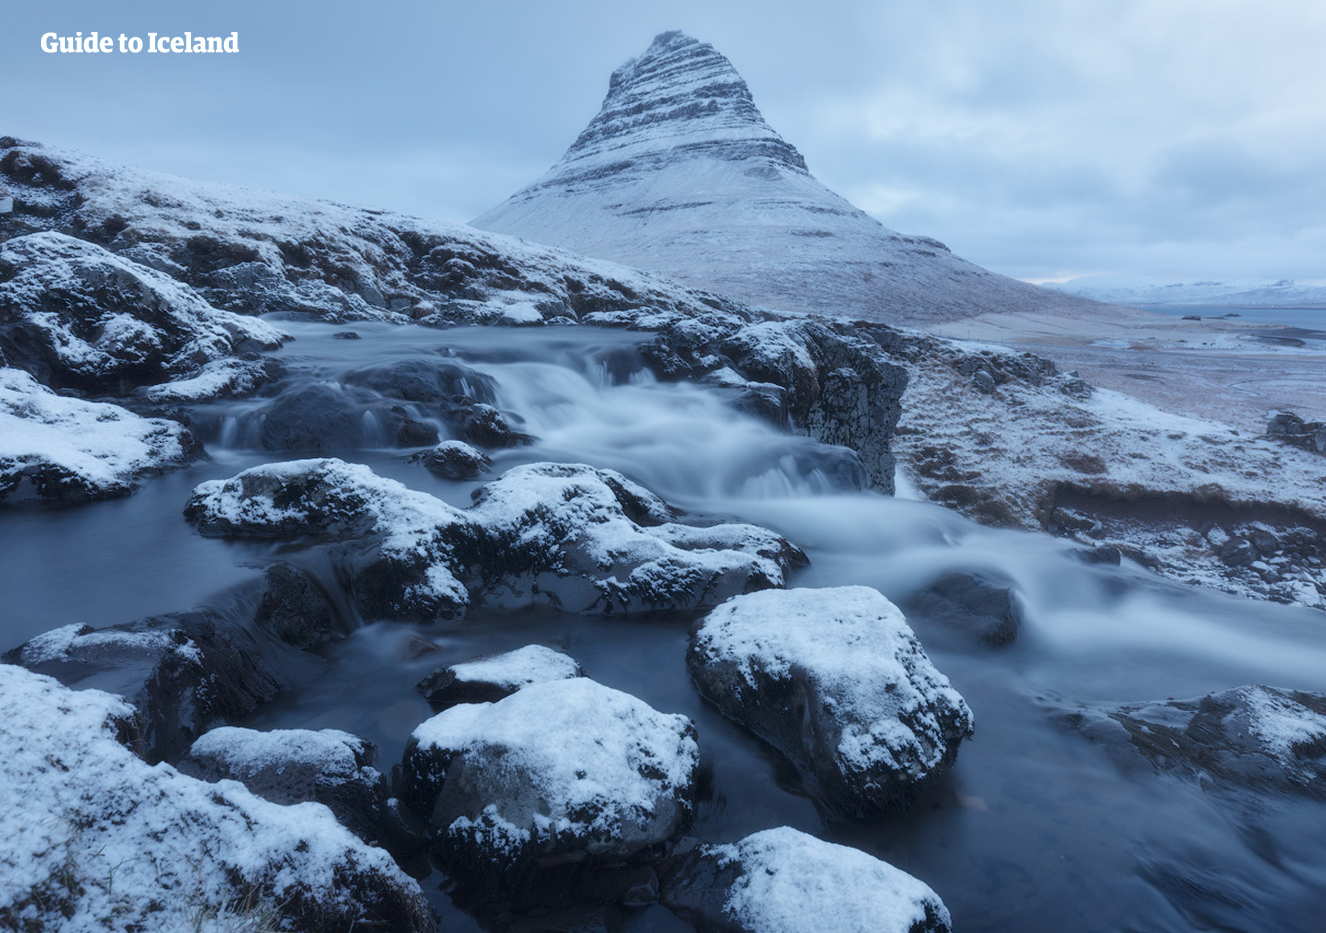 11-дневный зимний автотур   Природа Южного побережья и Западная Исландия - day 3